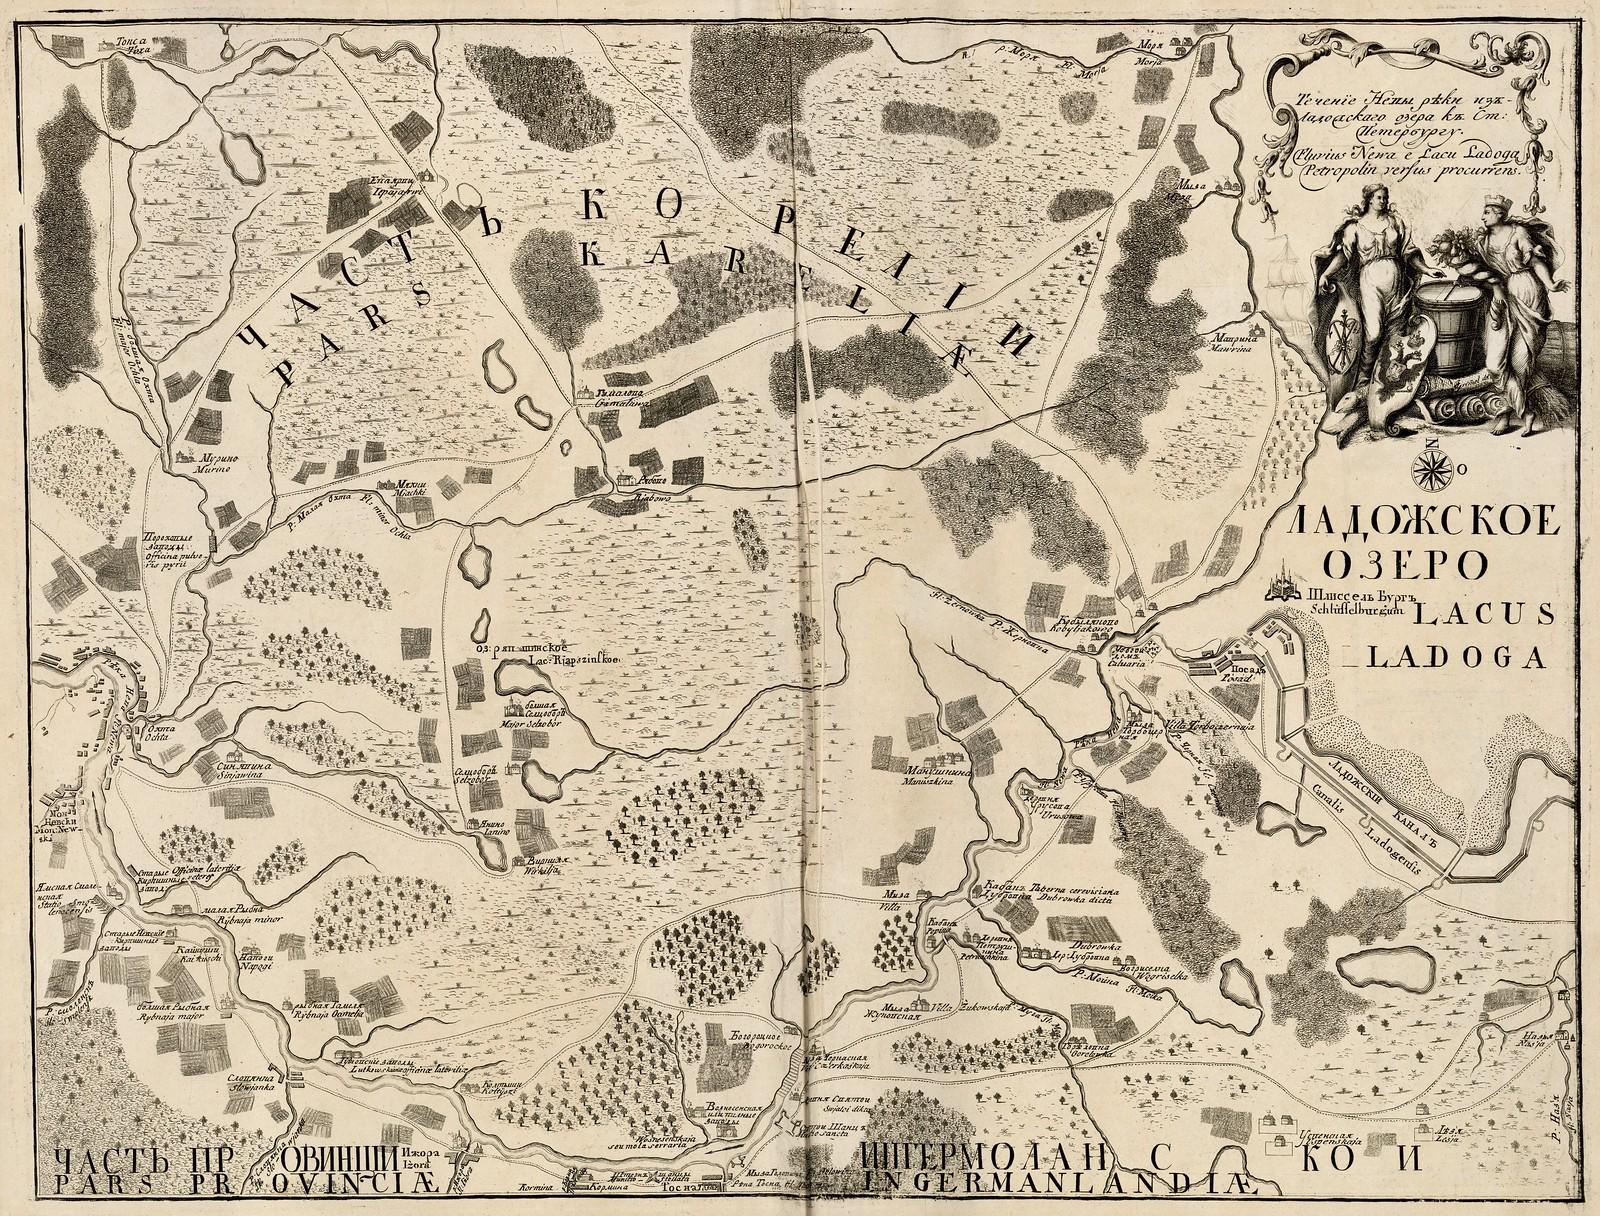 1730. Ладожское озеро.